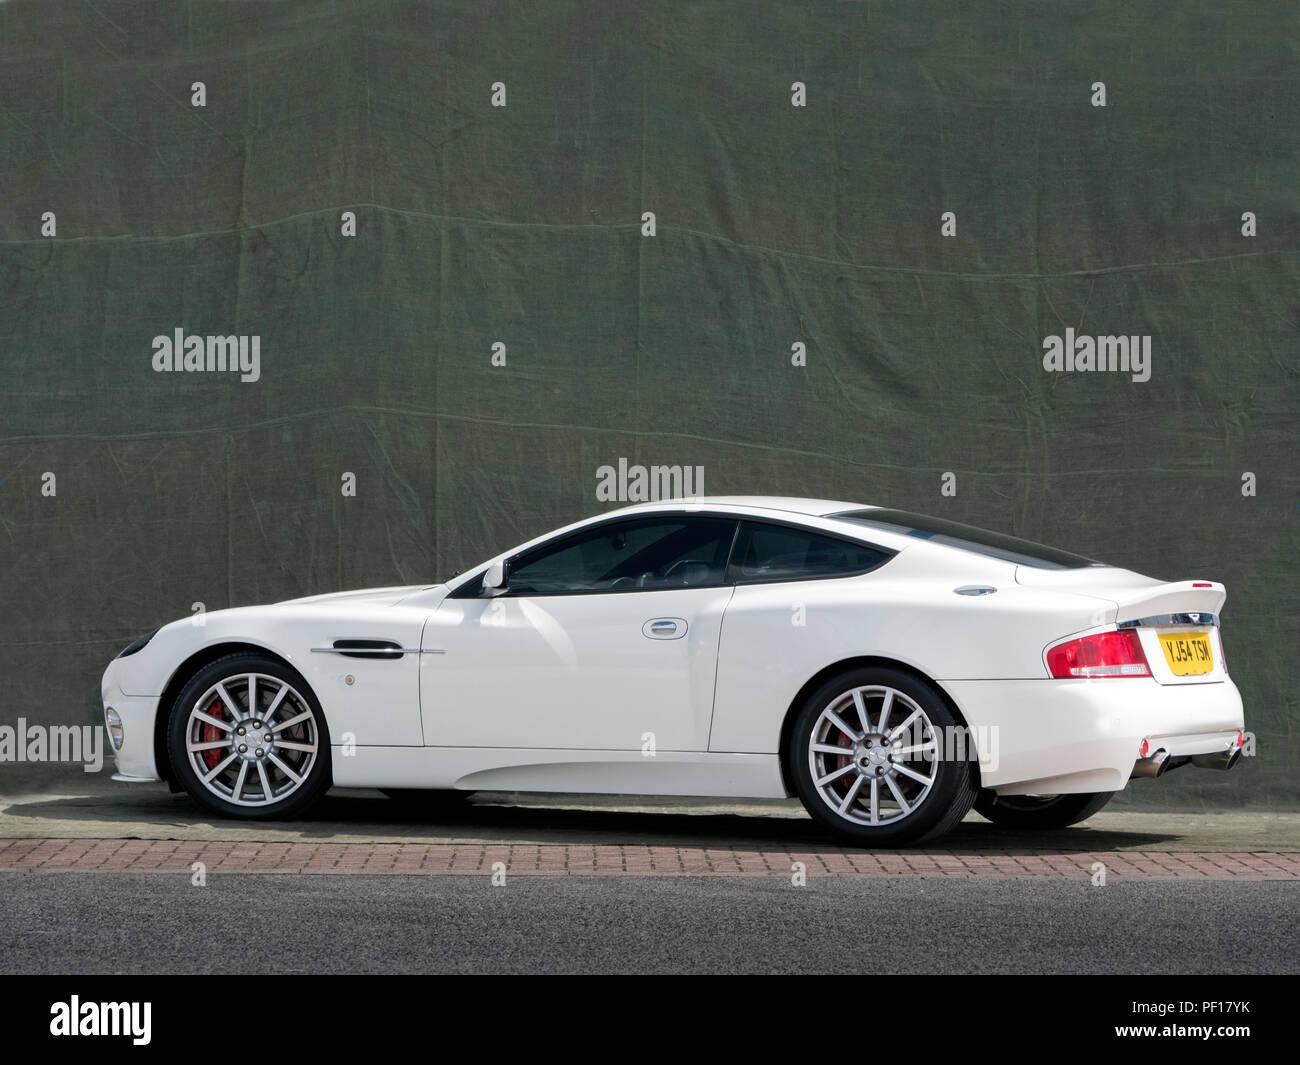 2005 Aston Martin Vanquish S Stock Photo Alamy